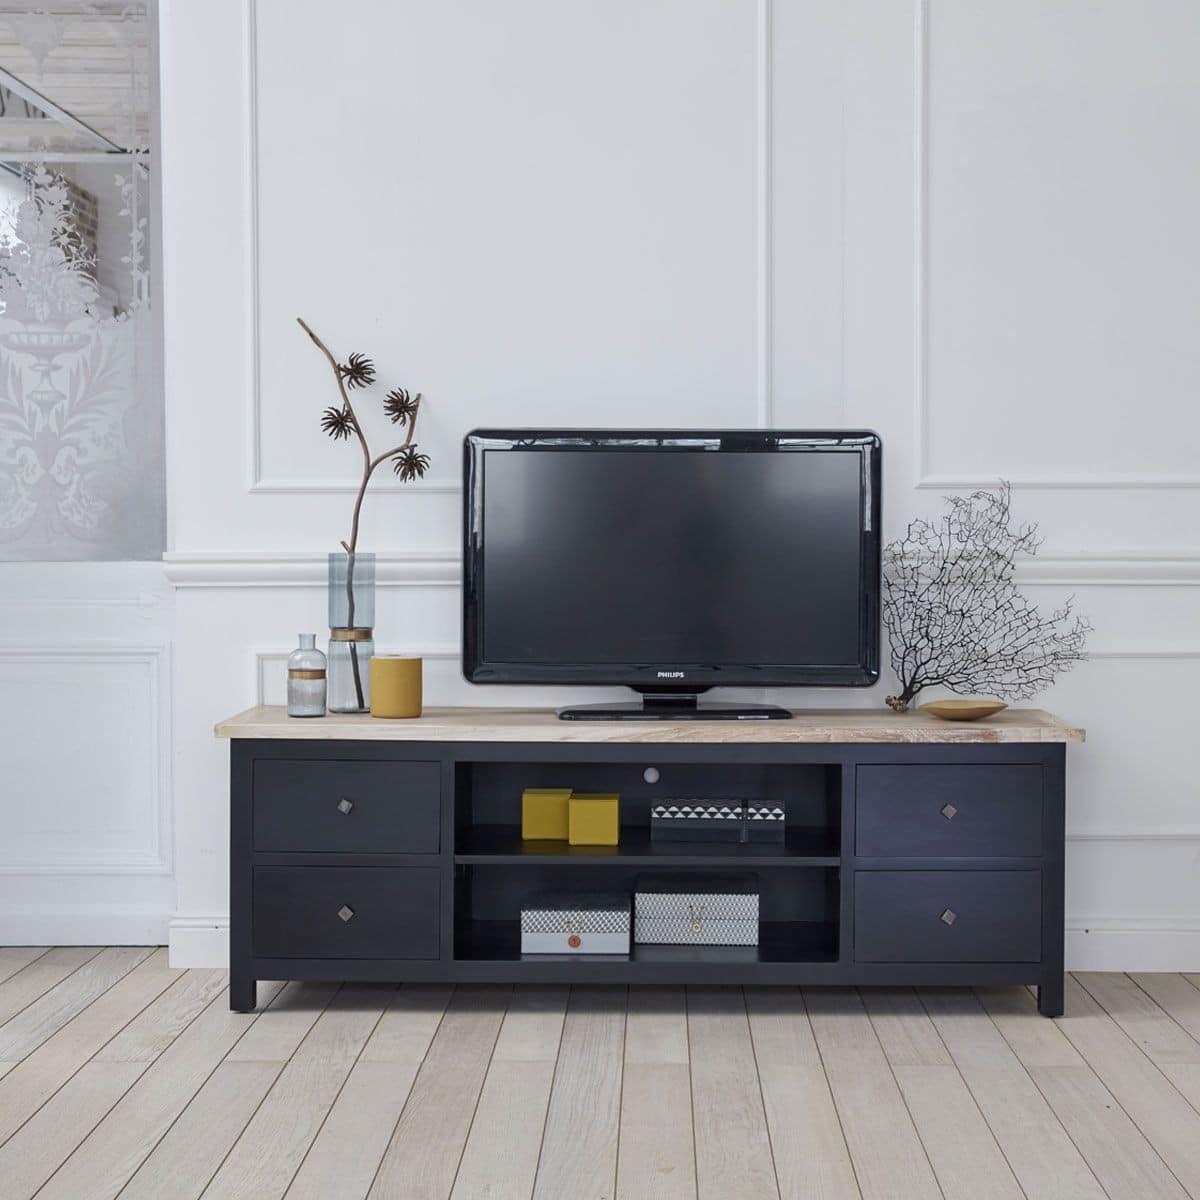 Meuble Tv Industriel 40 Id Es Et Mod Les 100 D Cal S # Meuble Tele Acier